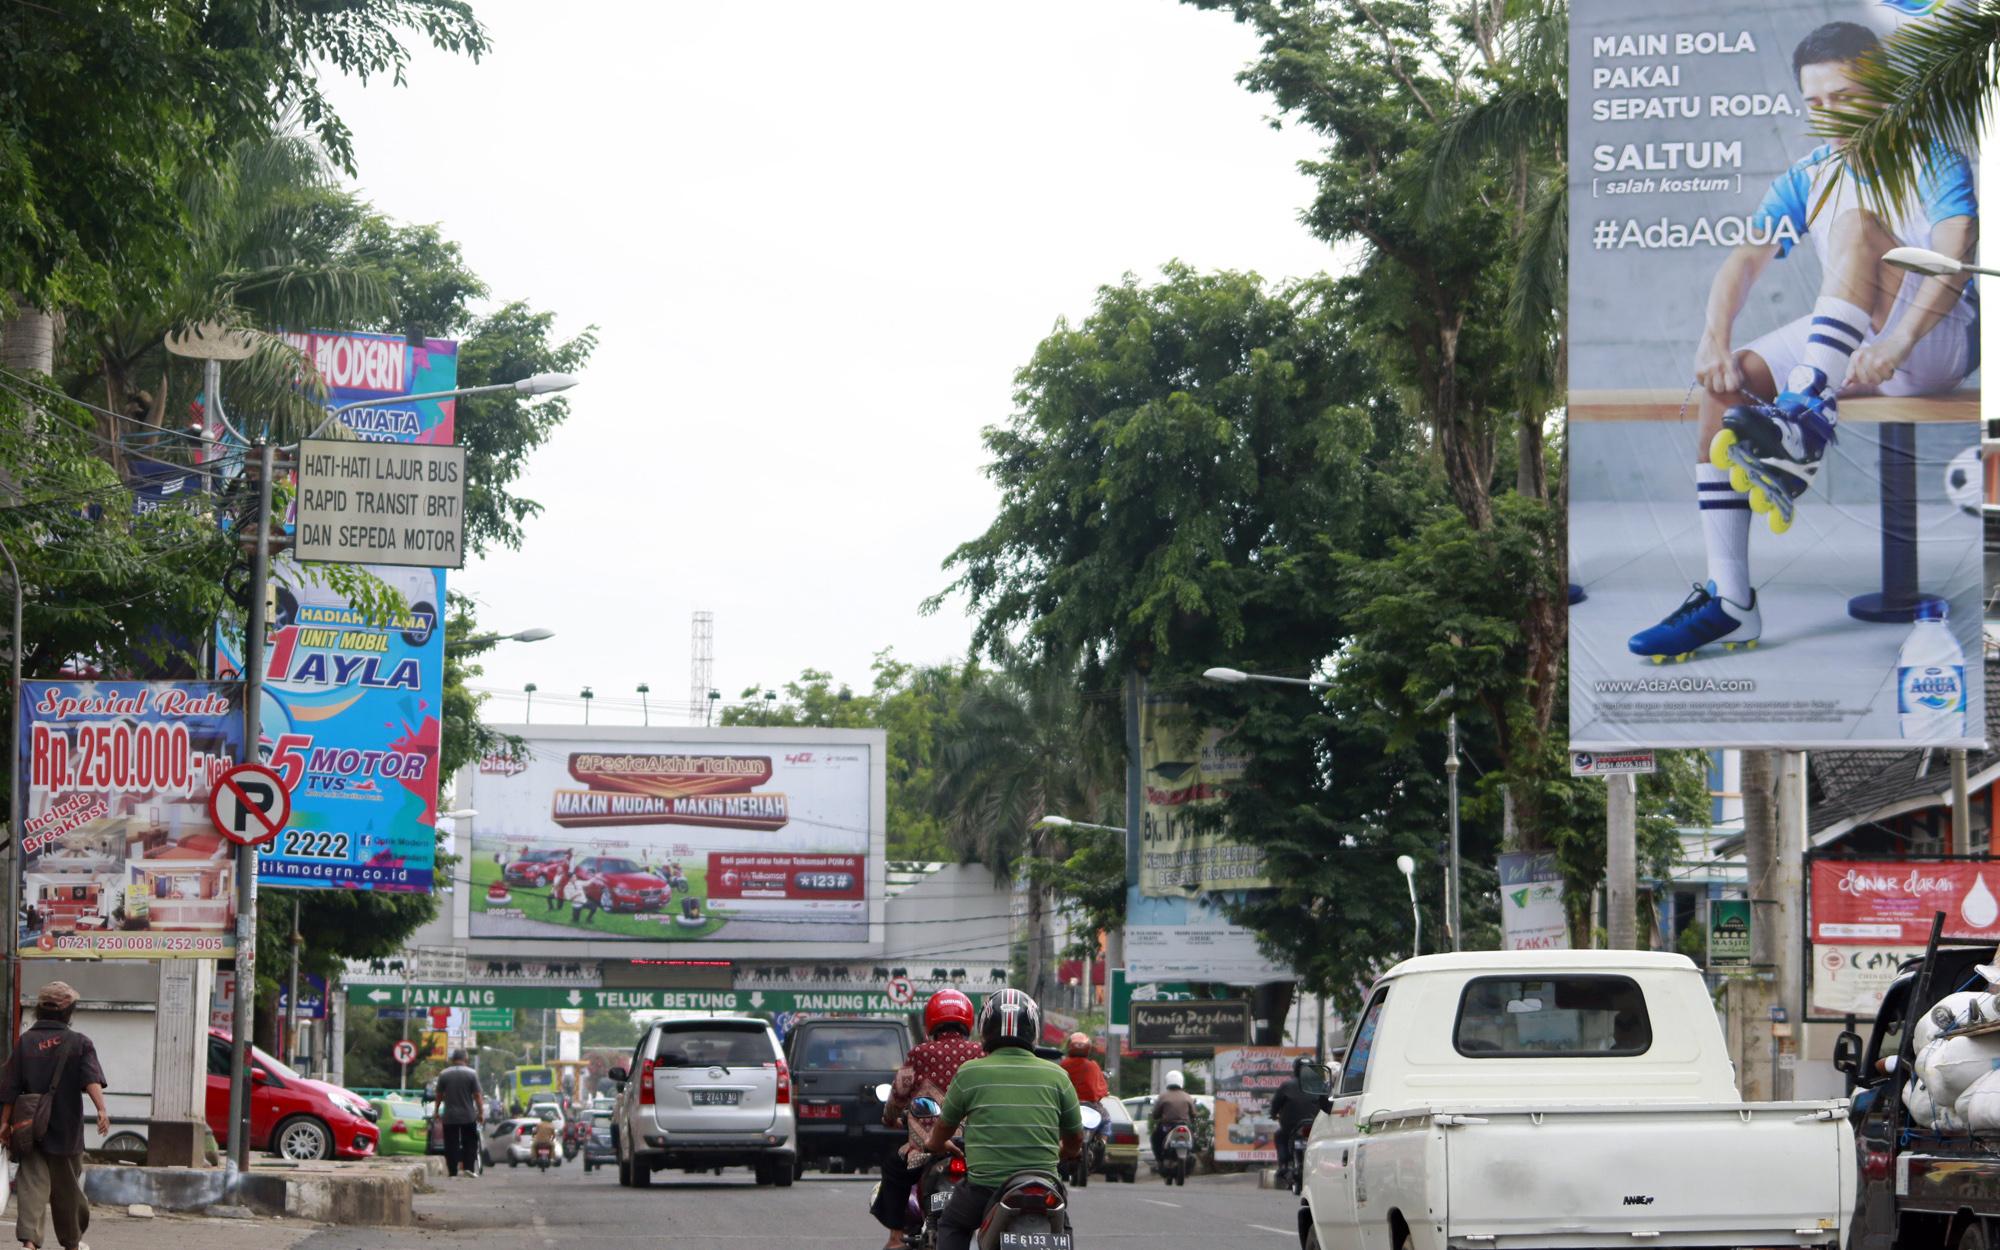 Ruas Jalan Raden Intan yang dipenuhi papan reklame. (Lampungnews/El Shinta).